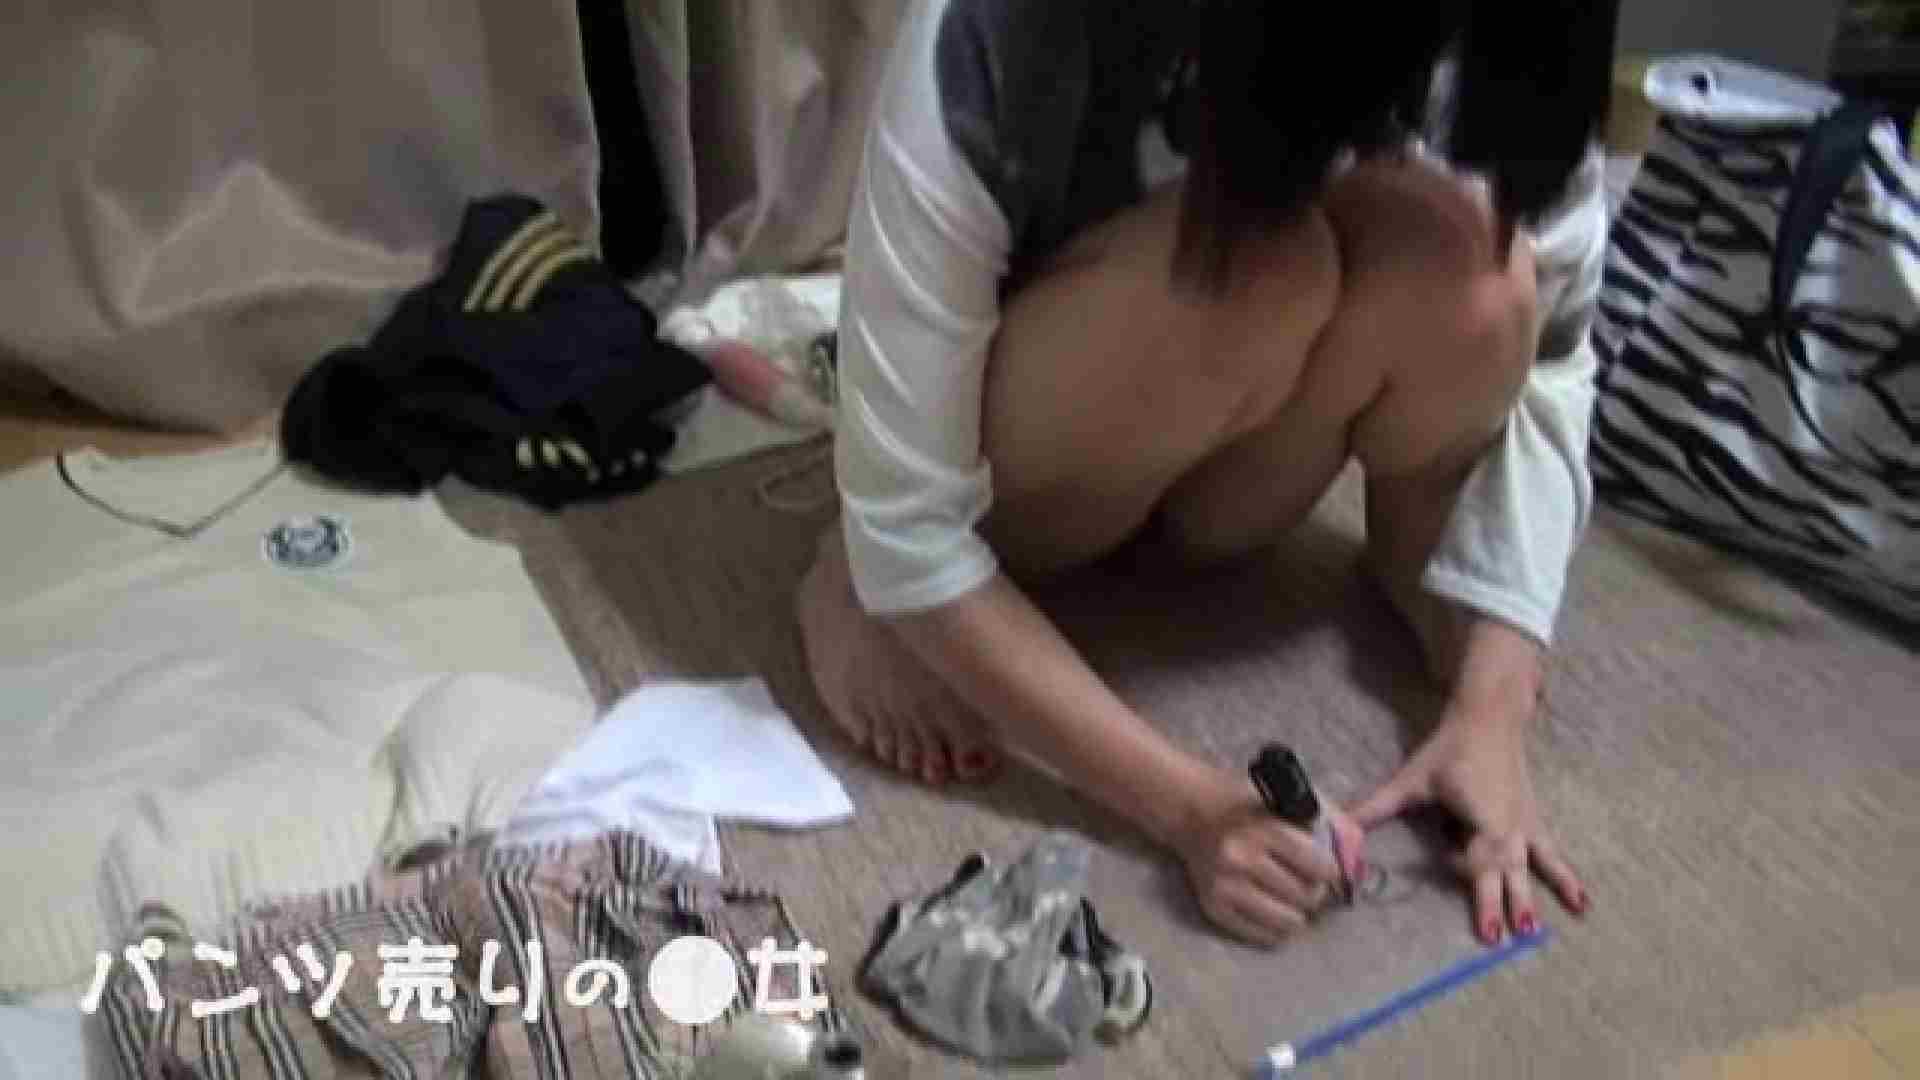 新説 パンツ売りの女の子mizuki02 一般投稿  90pic 66